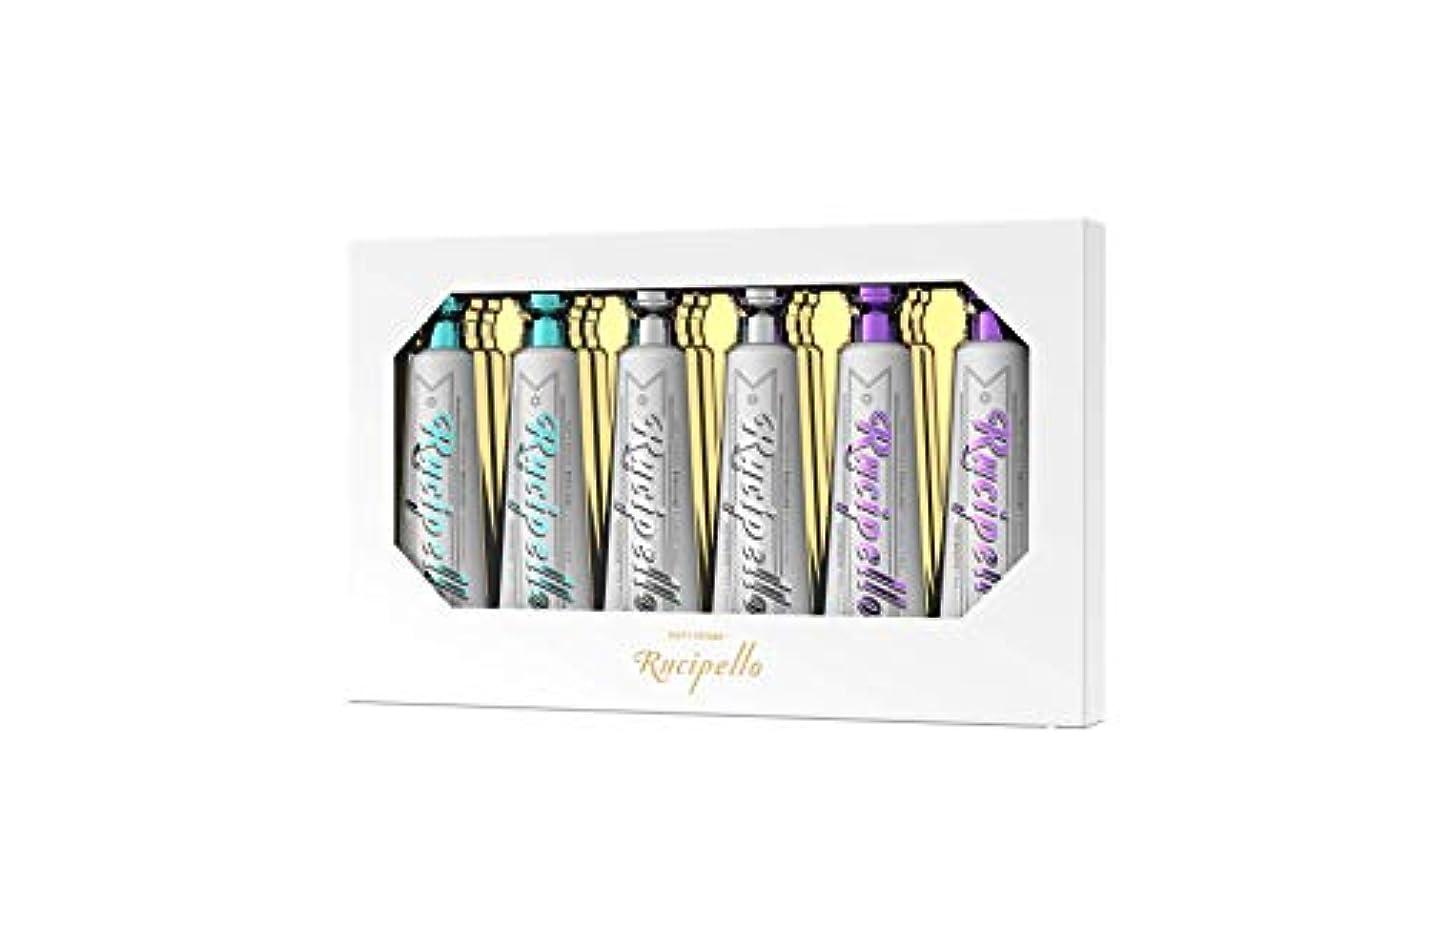 ノミネート非常に苦行[ルチペッロ] Rucipello ミニ歯磨き粉6個のプレゼントセット 25g x 6本 (海外直送品)